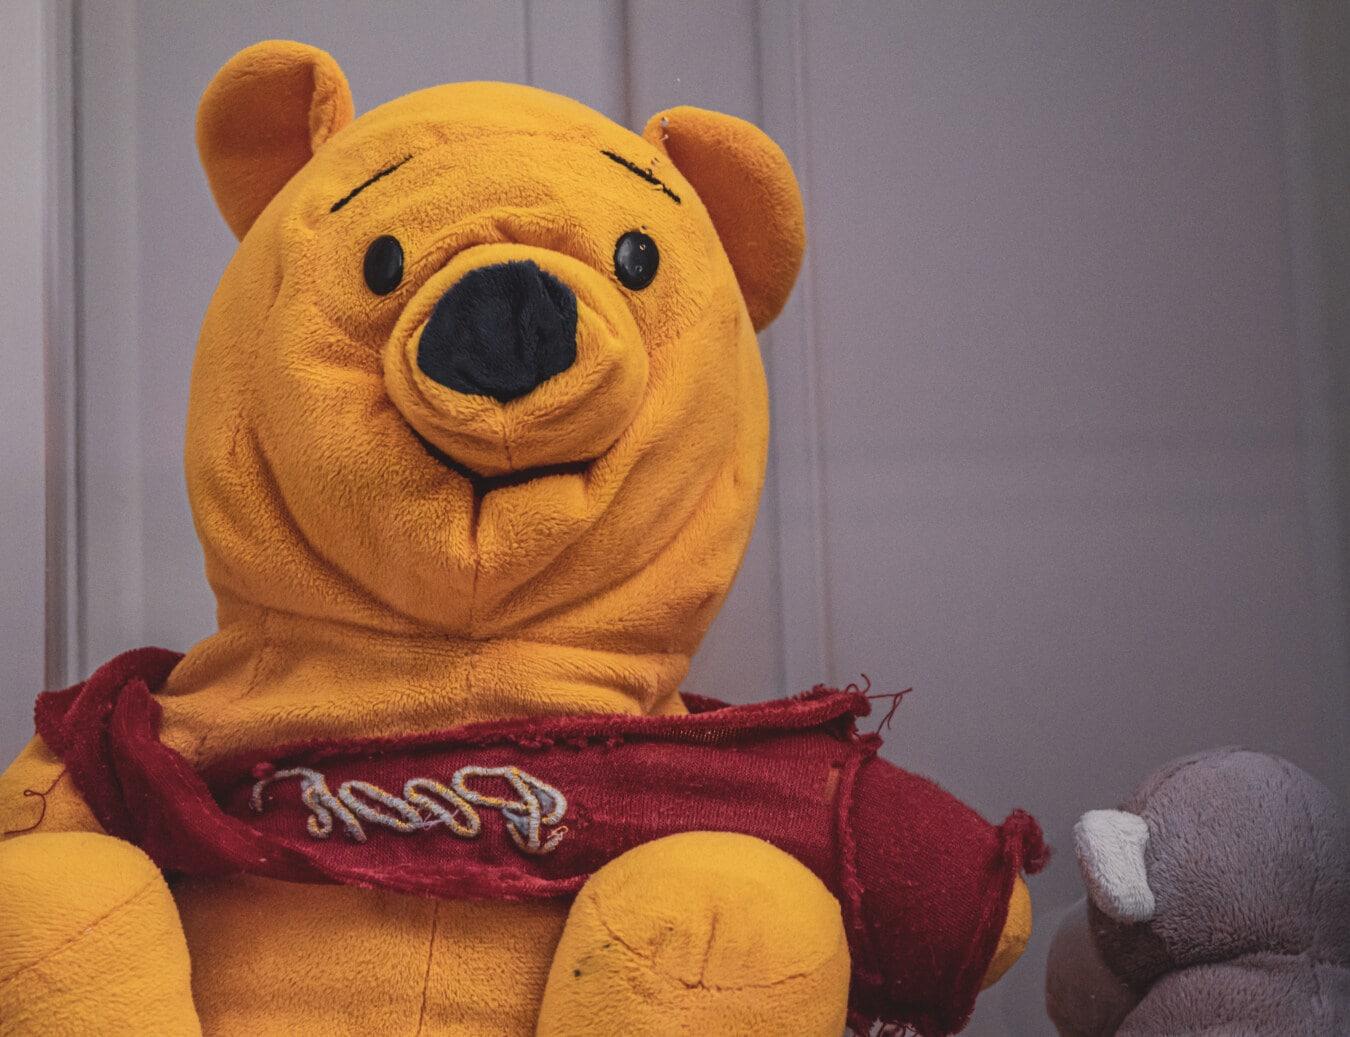 Plüsch, Jahrgang, Teddybär Spielzeug, Farbe, Orange gelb, Pullover, lustig, Spielzeug, Spaß, Retro